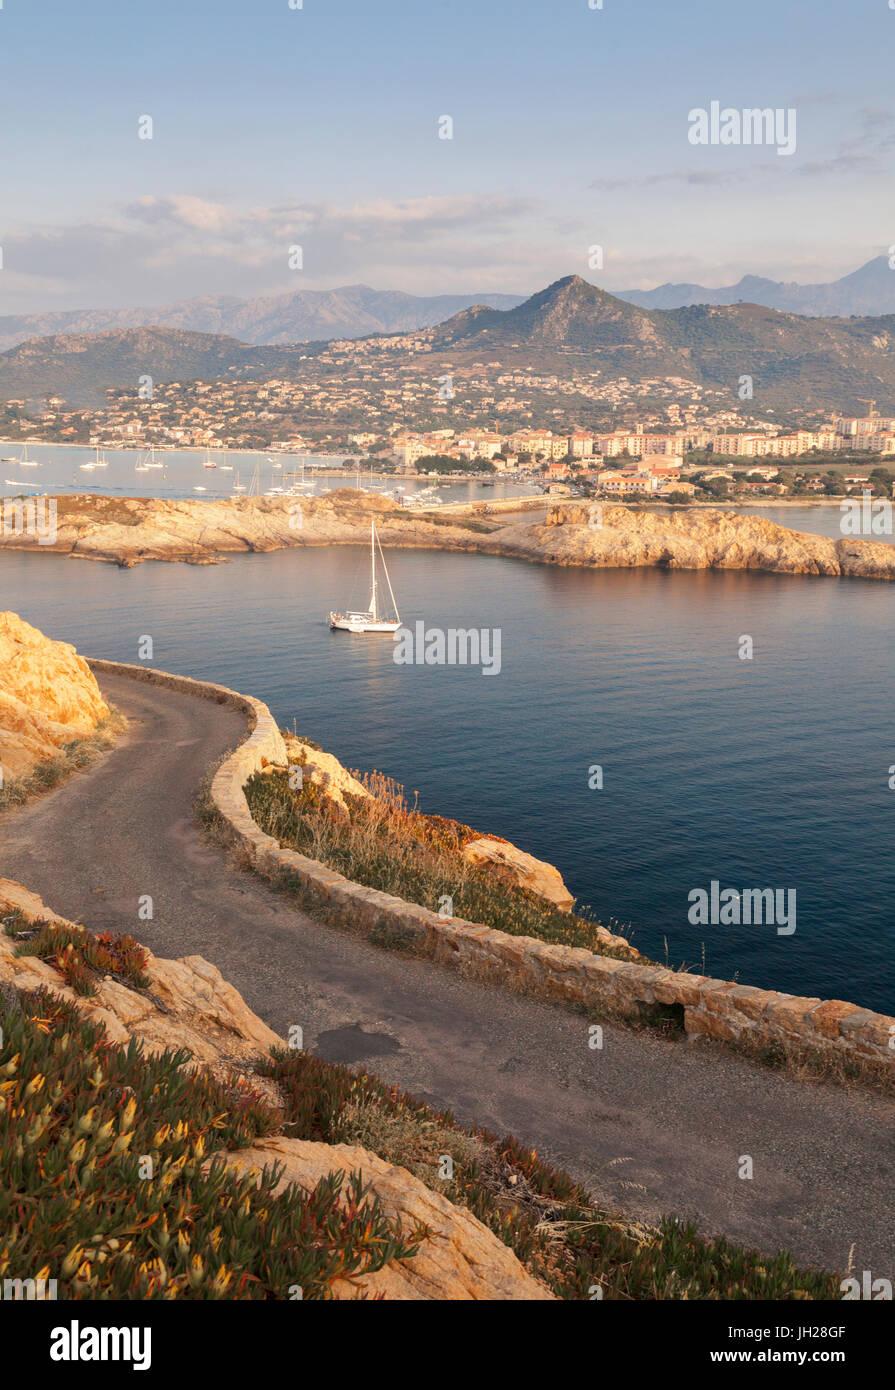 Ein Segelboot im kristallklaren Meer rund um das Dorf von Ile Rousse bei Sonnenuntergang, Balagne Region, Korsika, Stockbild